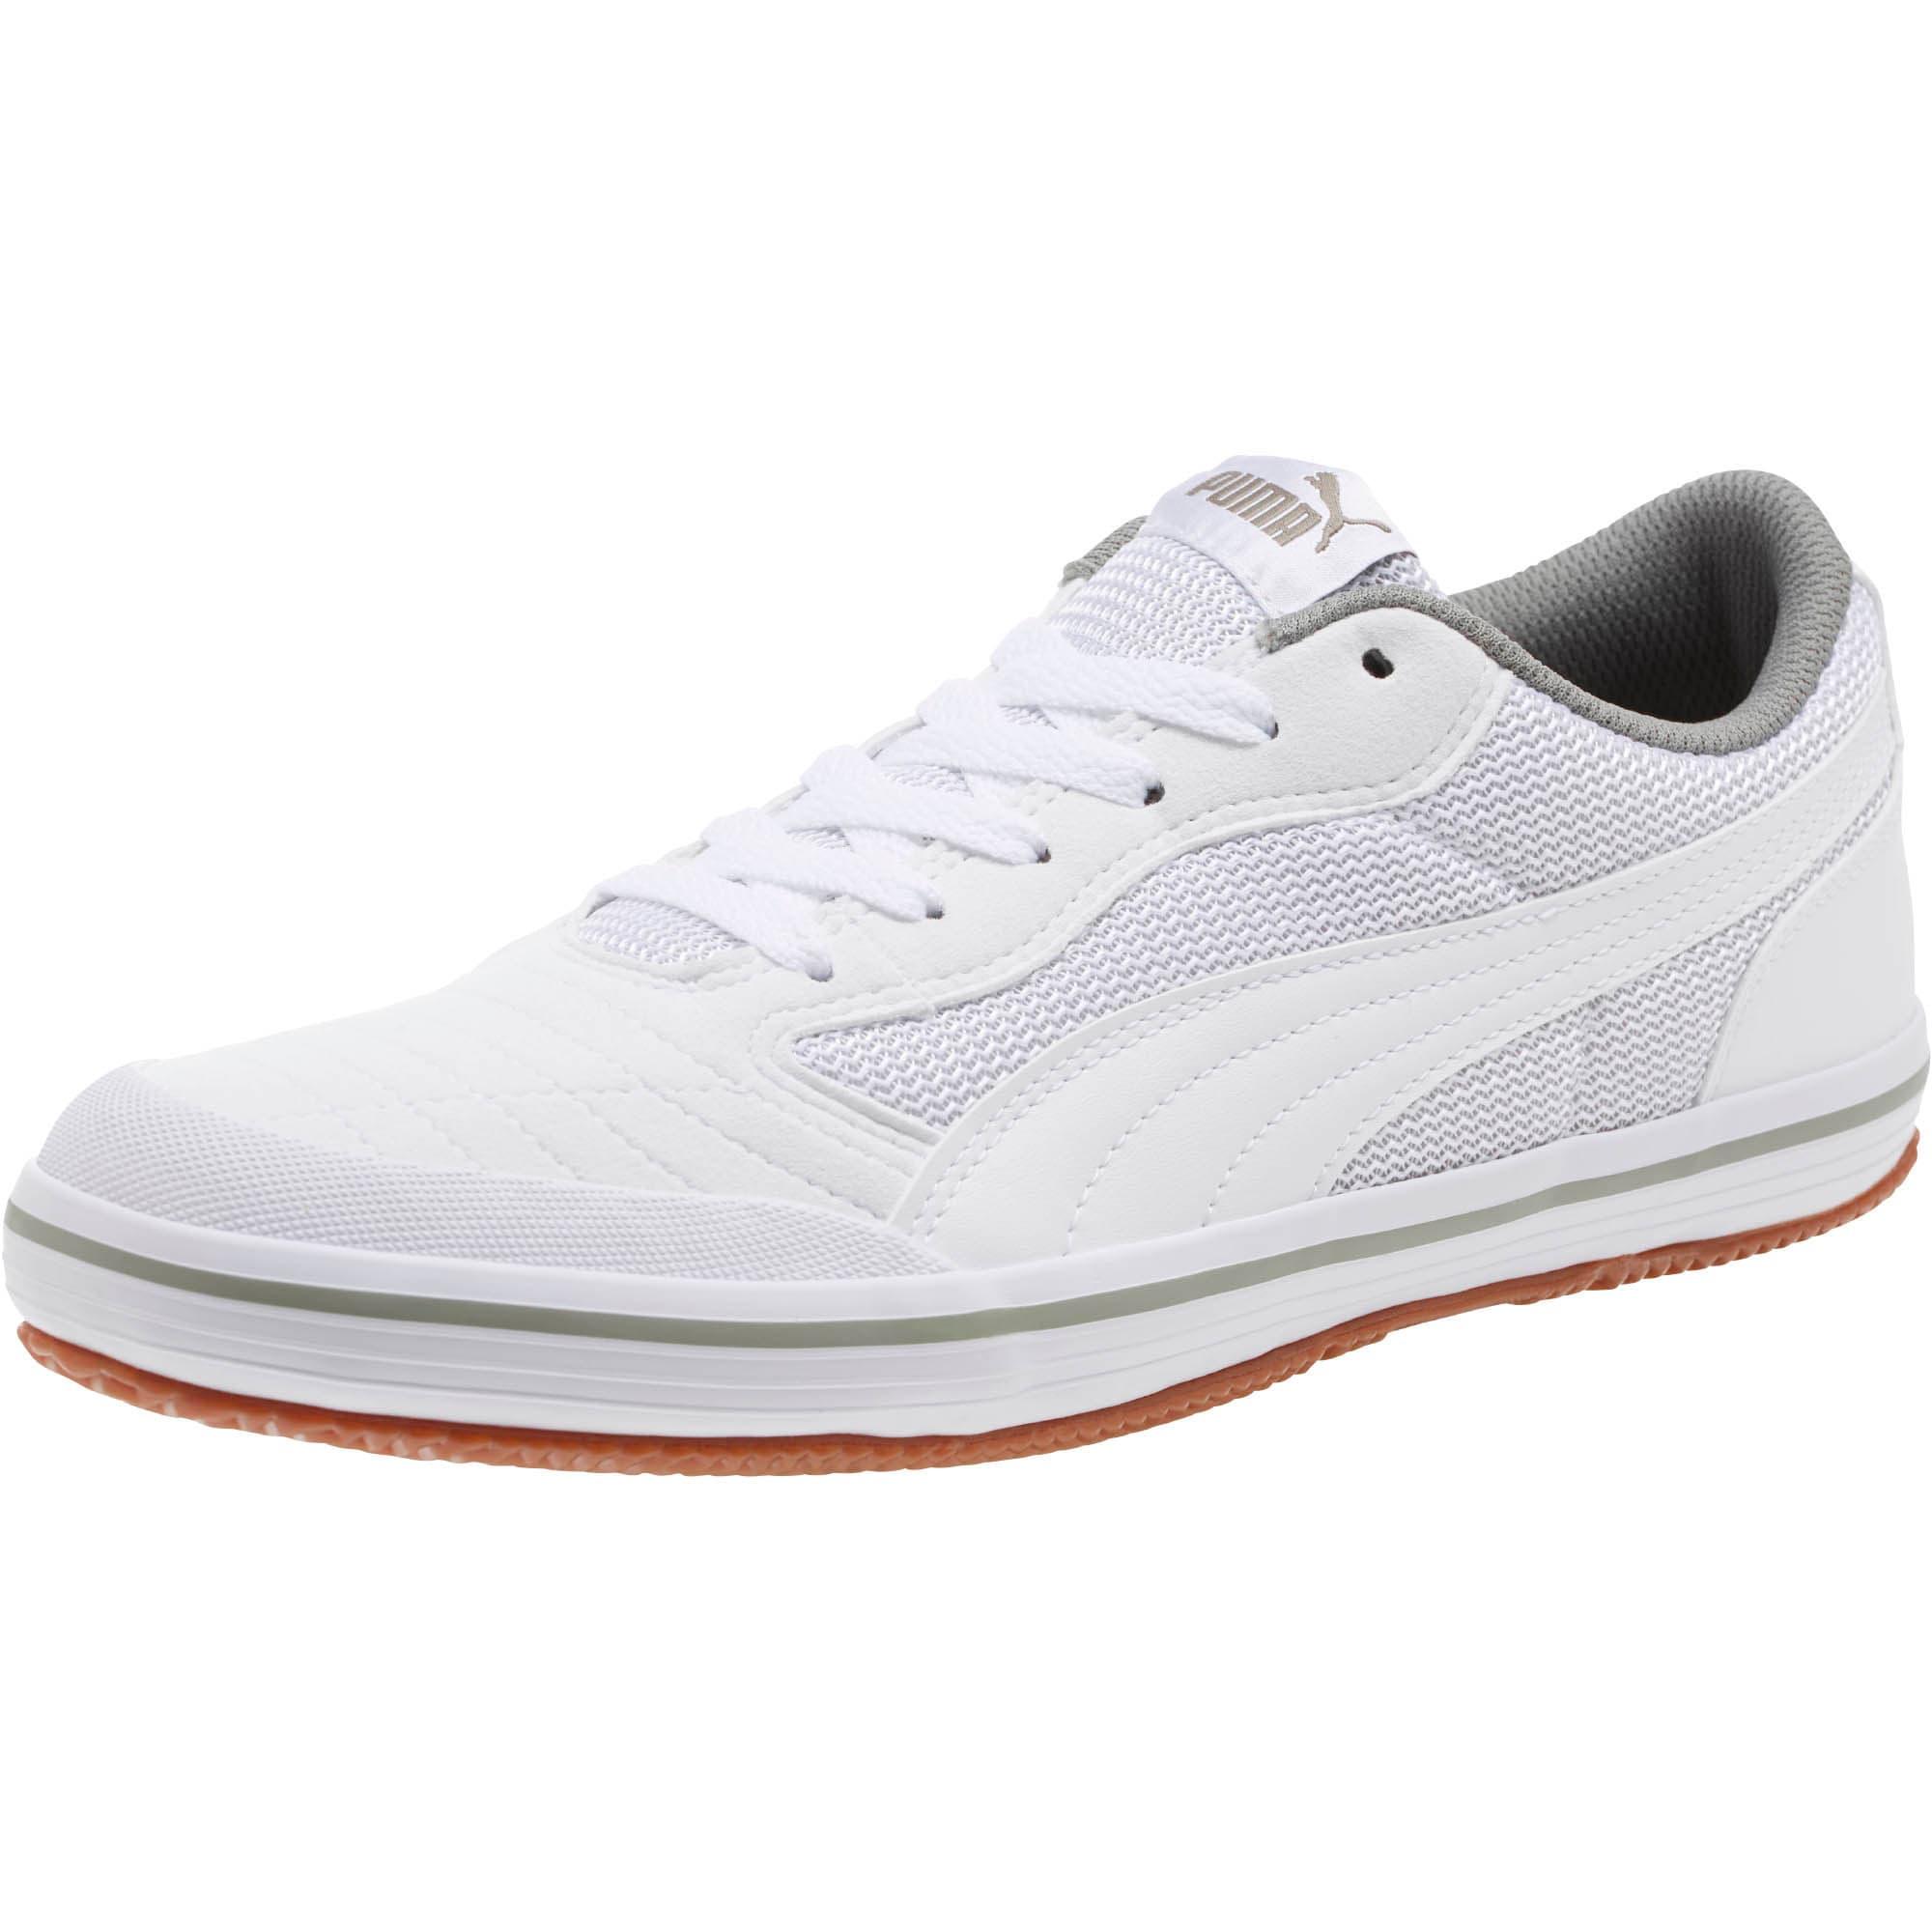 Thumbnail 1 of Astro Sala Sneakers, Puma White-Puma White, medium